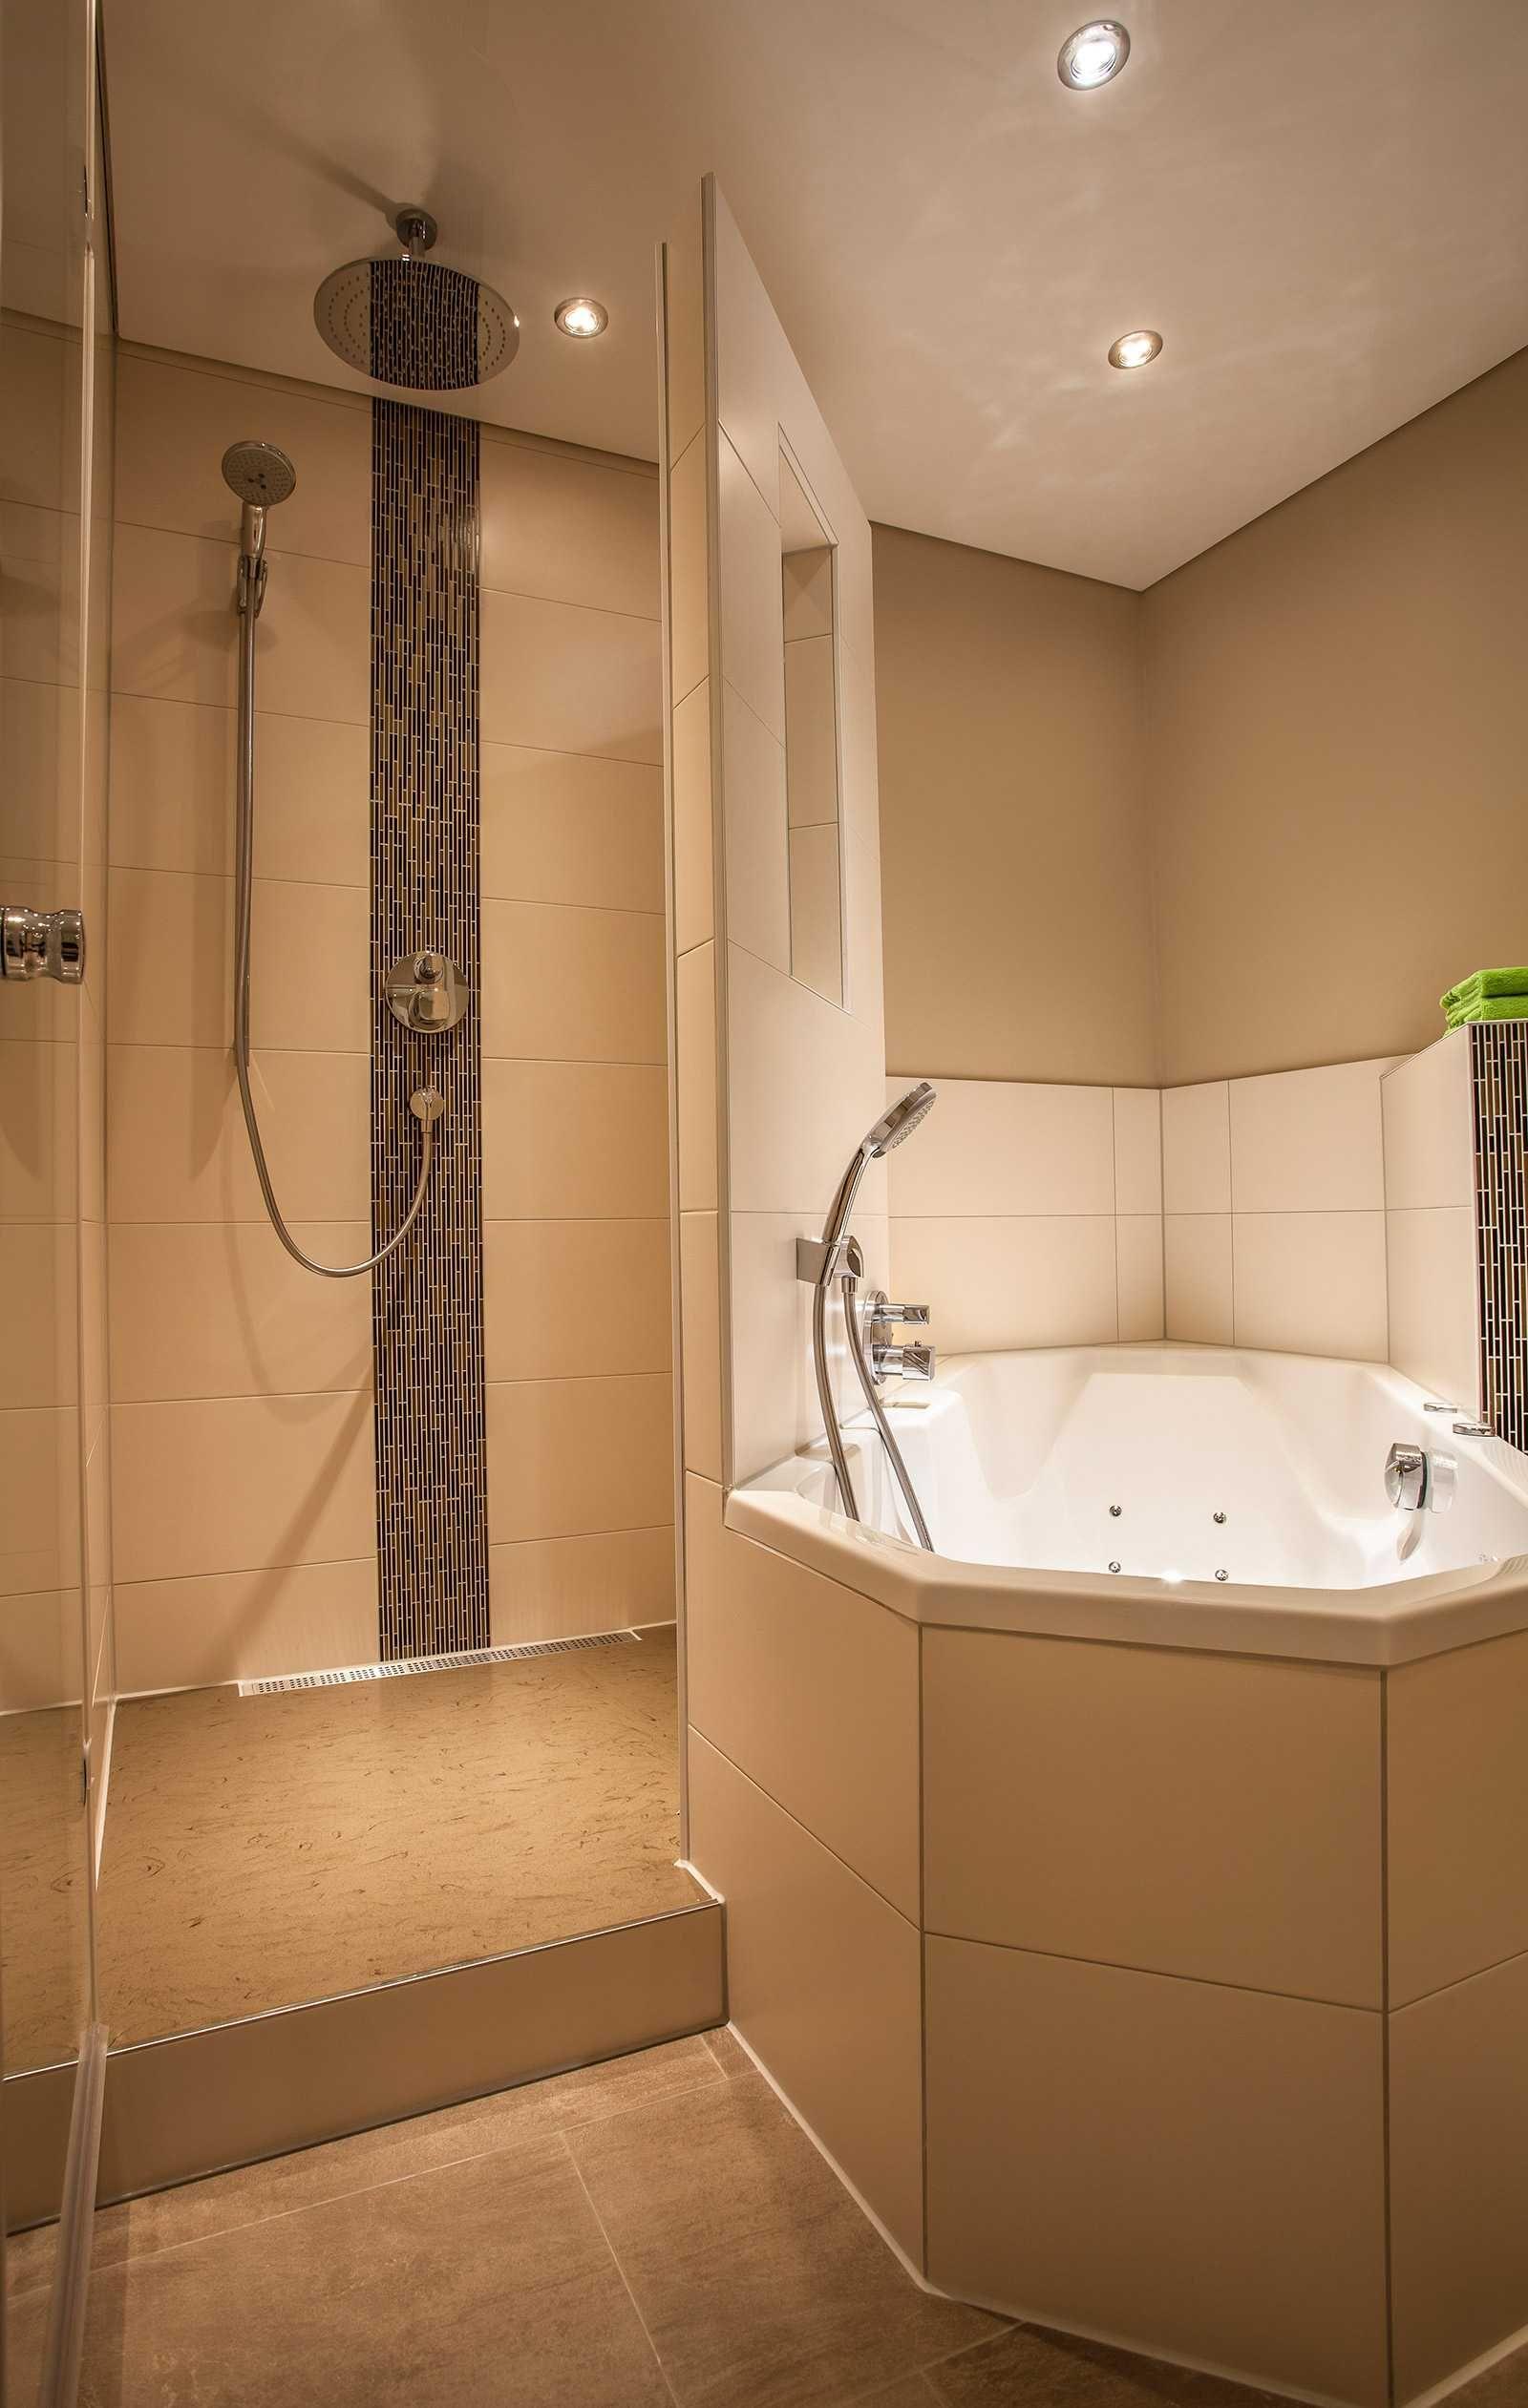 trotz wenig platz sowohl badewanne als auch dusche mit. Black Bedroom Furniture Sets. Home Design Ideas